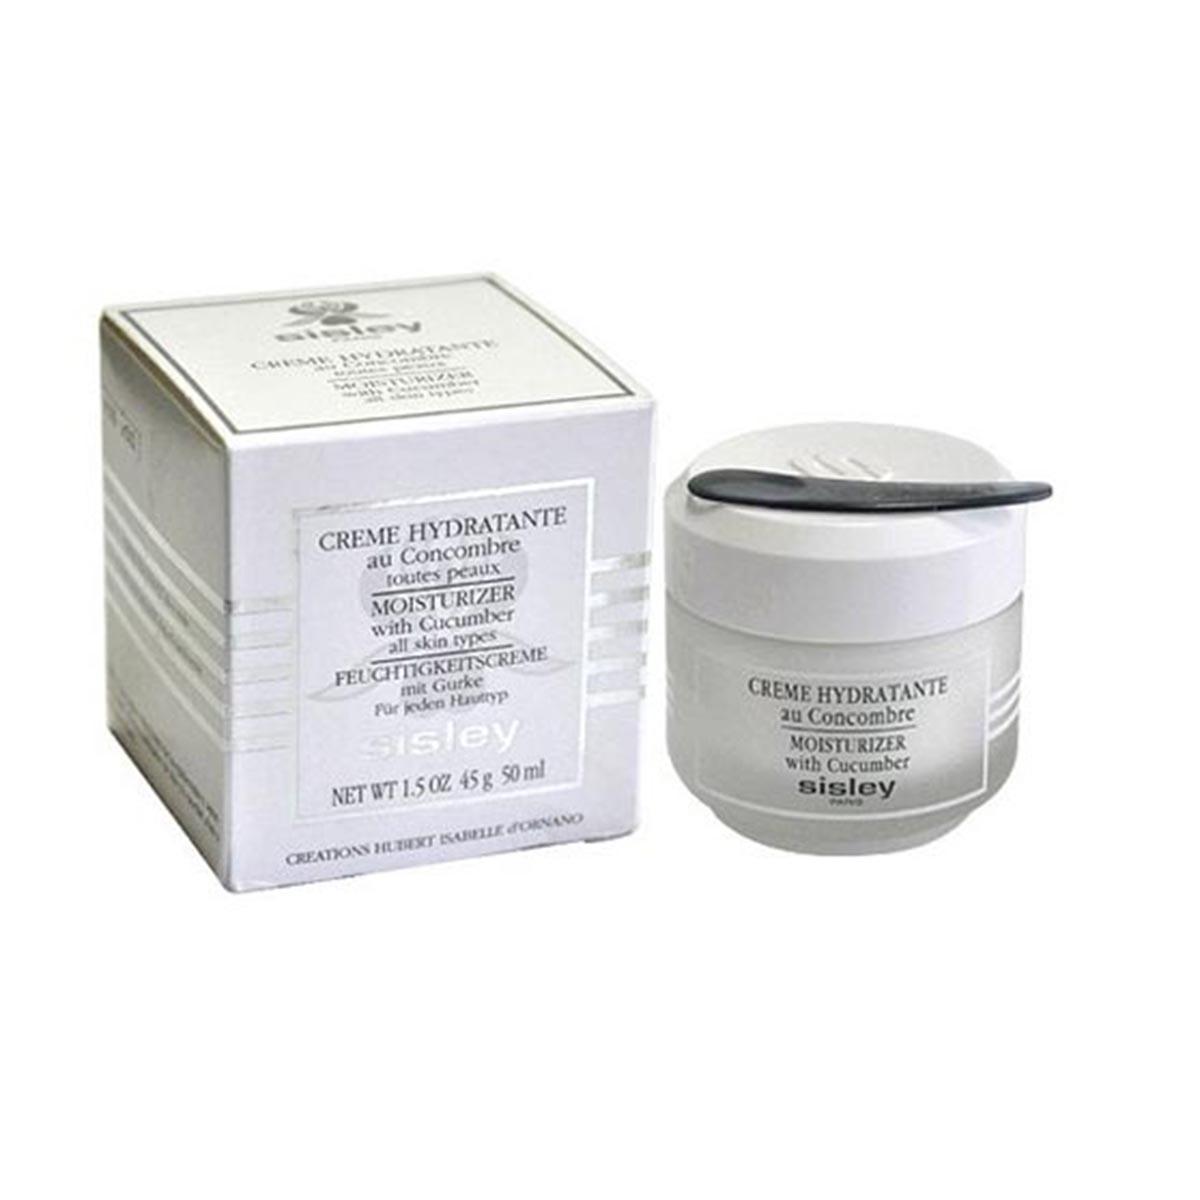 Sisley creme hydratante au concombre 50ml